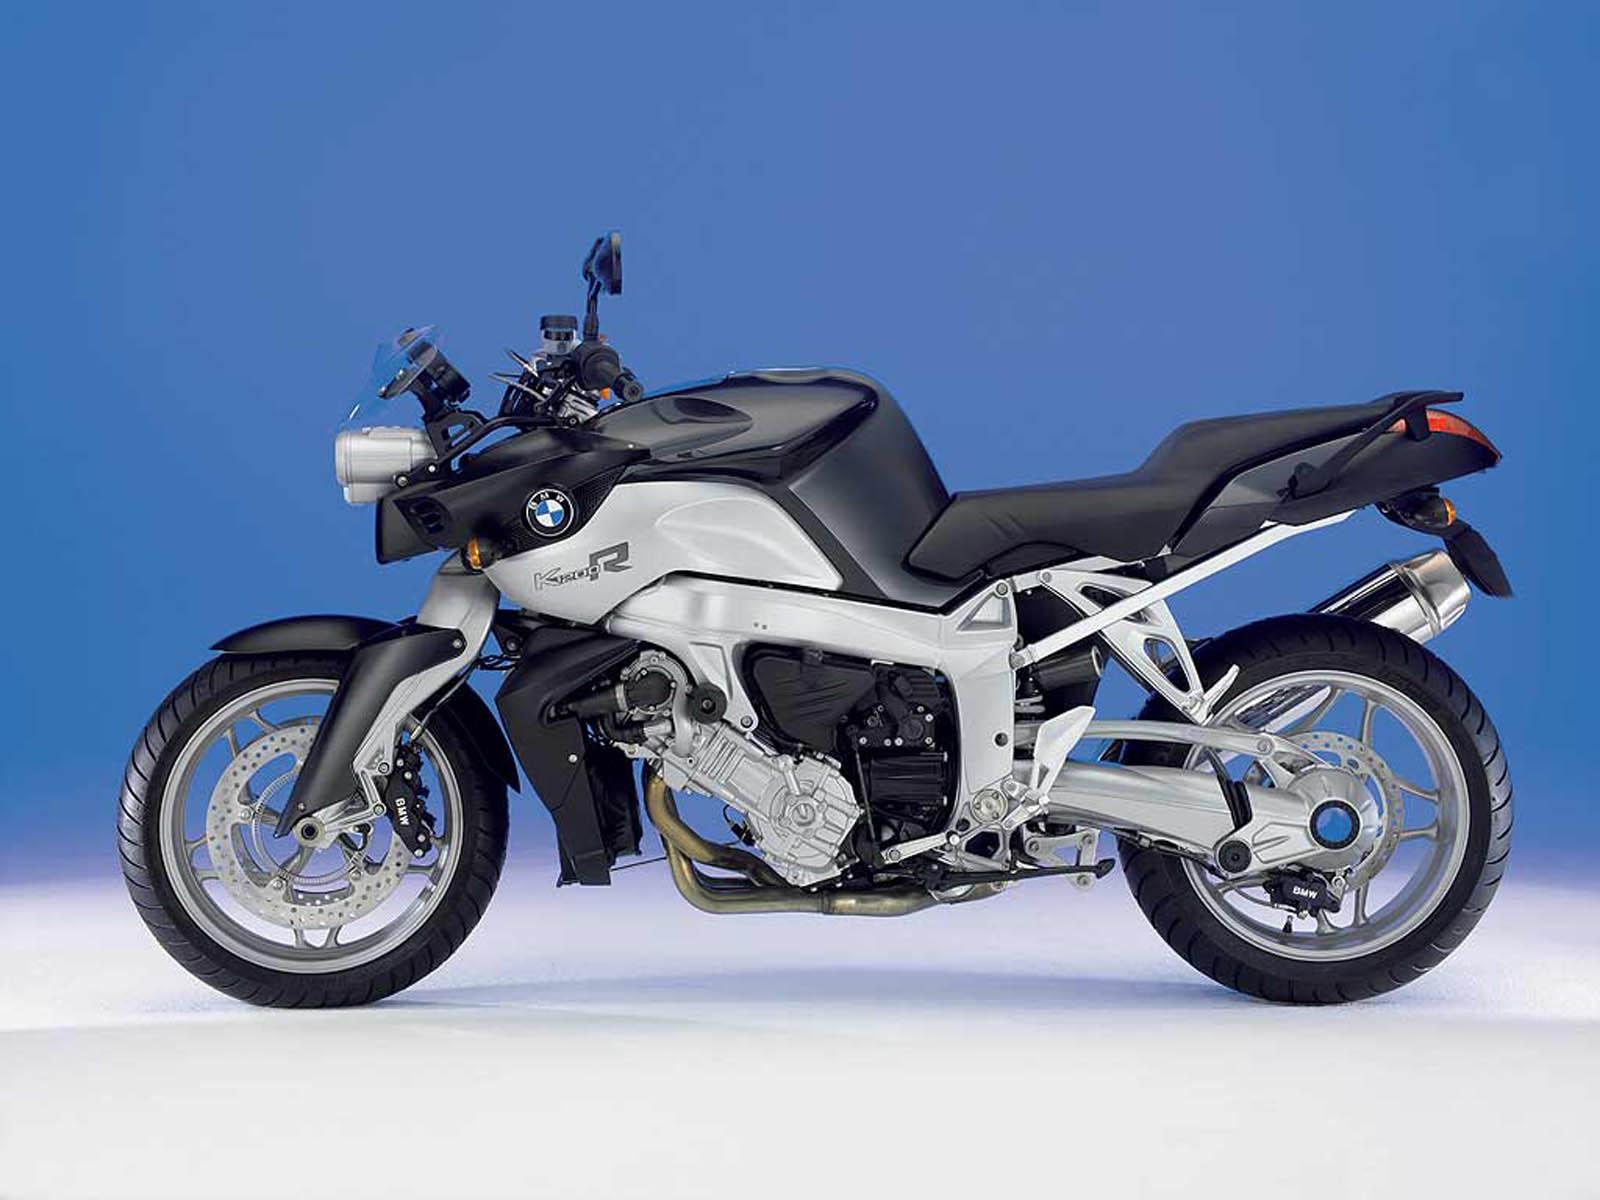 wallpaper: BMW K 1200 R Bike Wallpapers